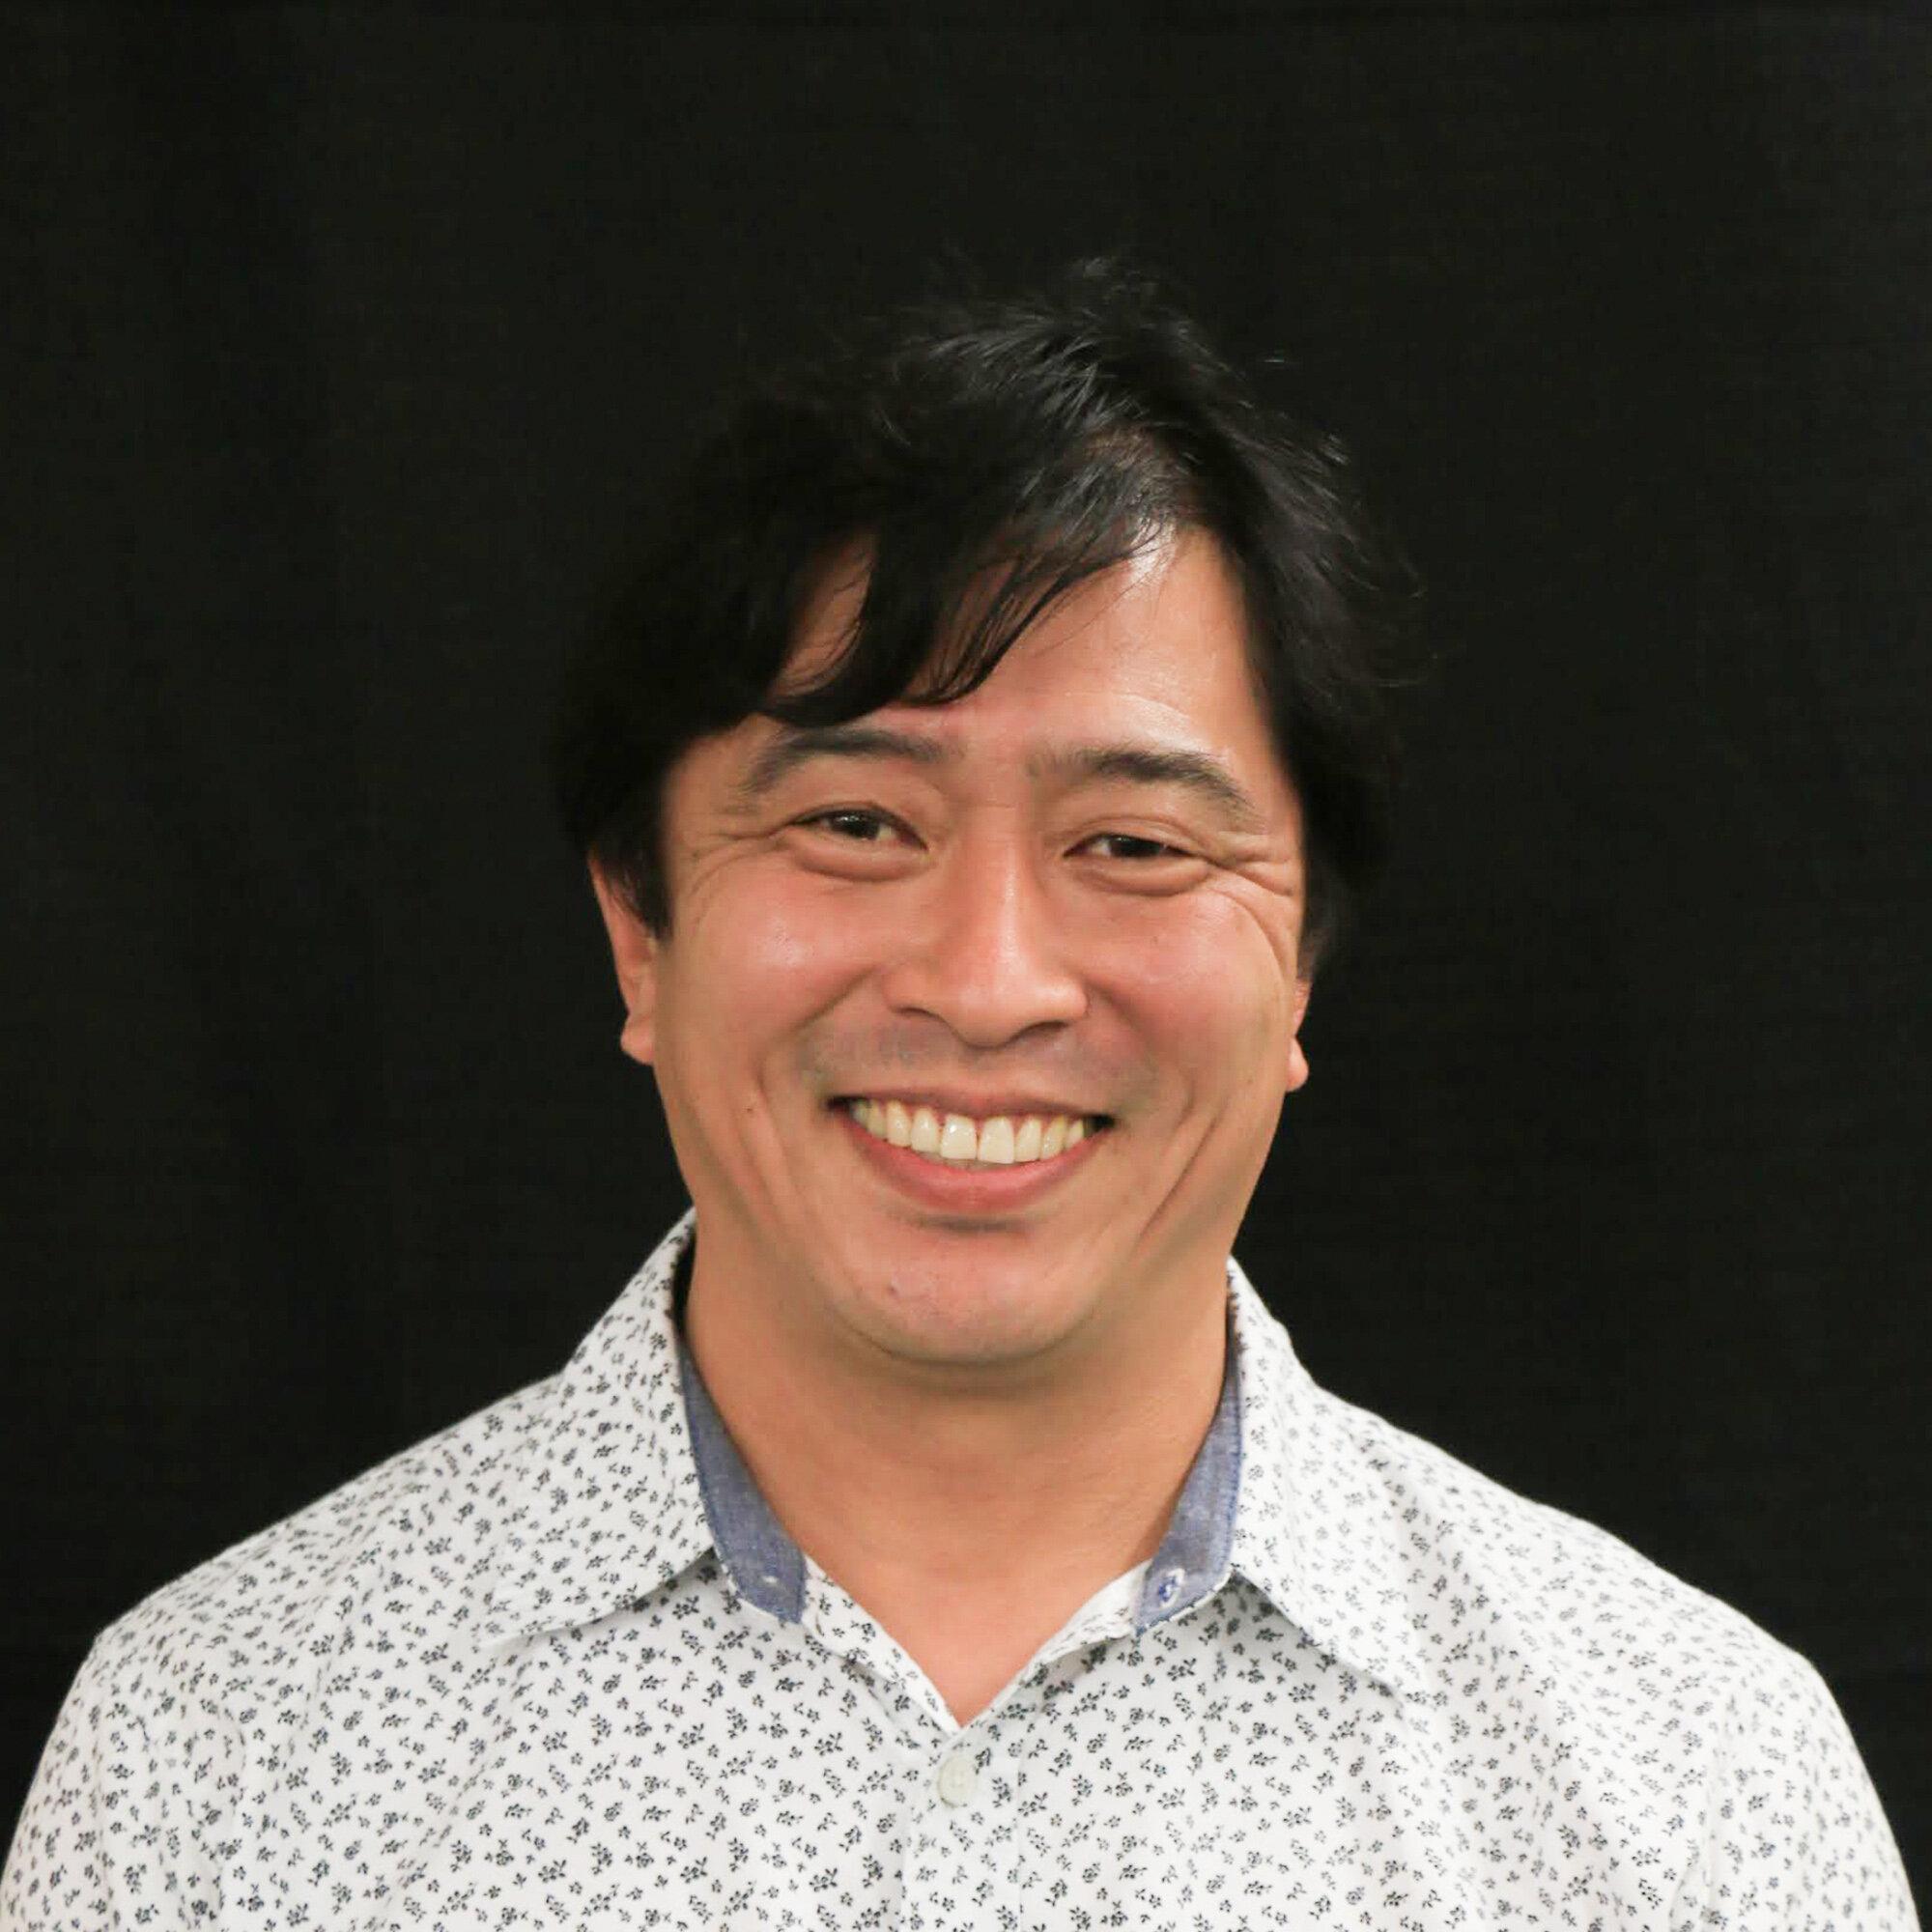 <strong>Kenzo Tanaka</strong>